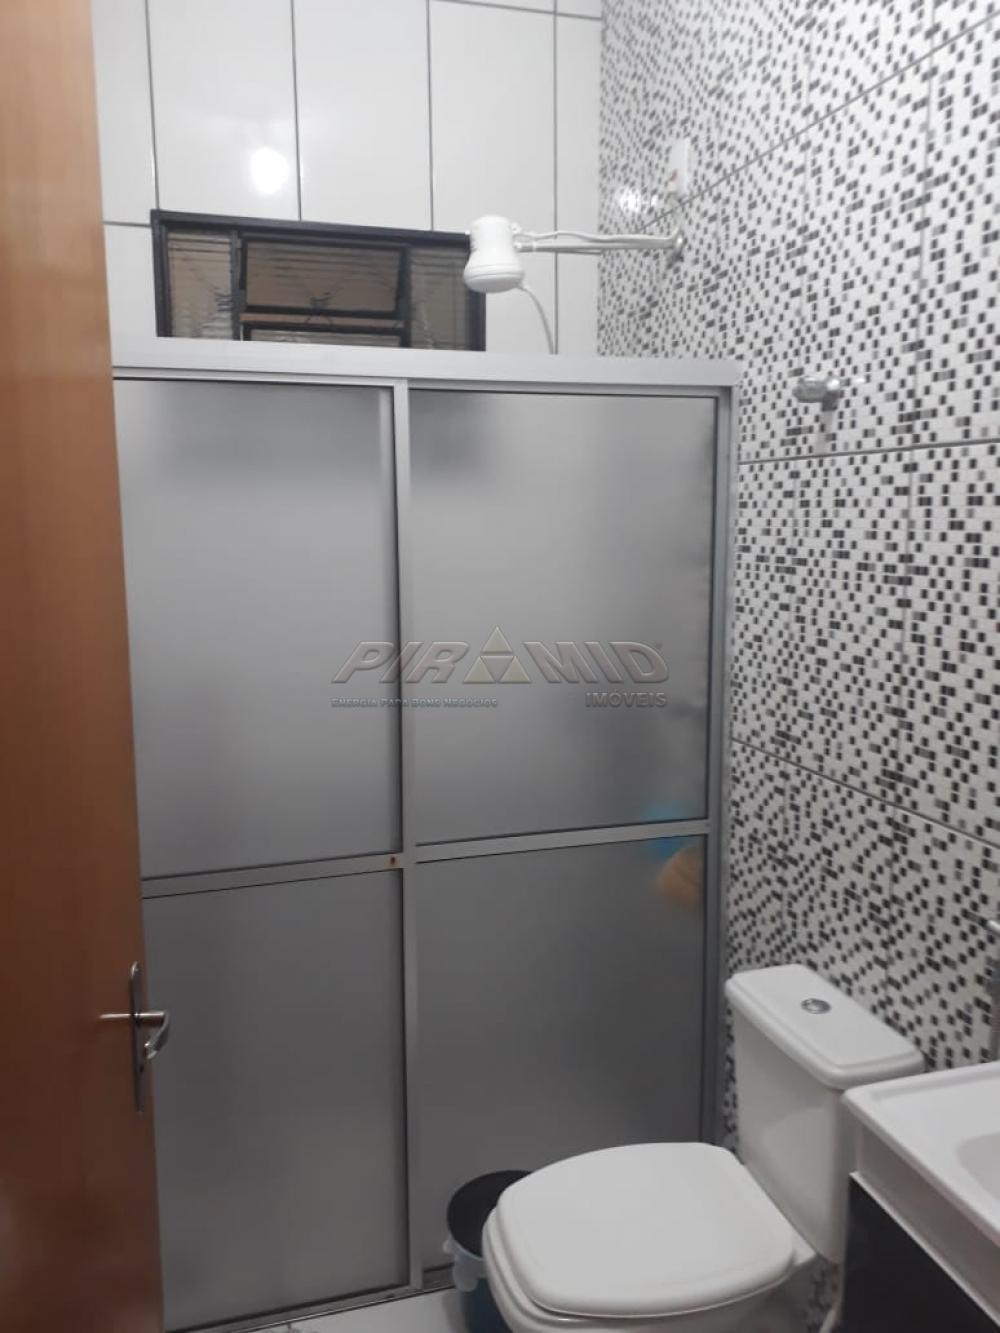 Alugar Casa / Padrão em Ribeirão Preto apenas R$ 1.100,00 - Foto 9